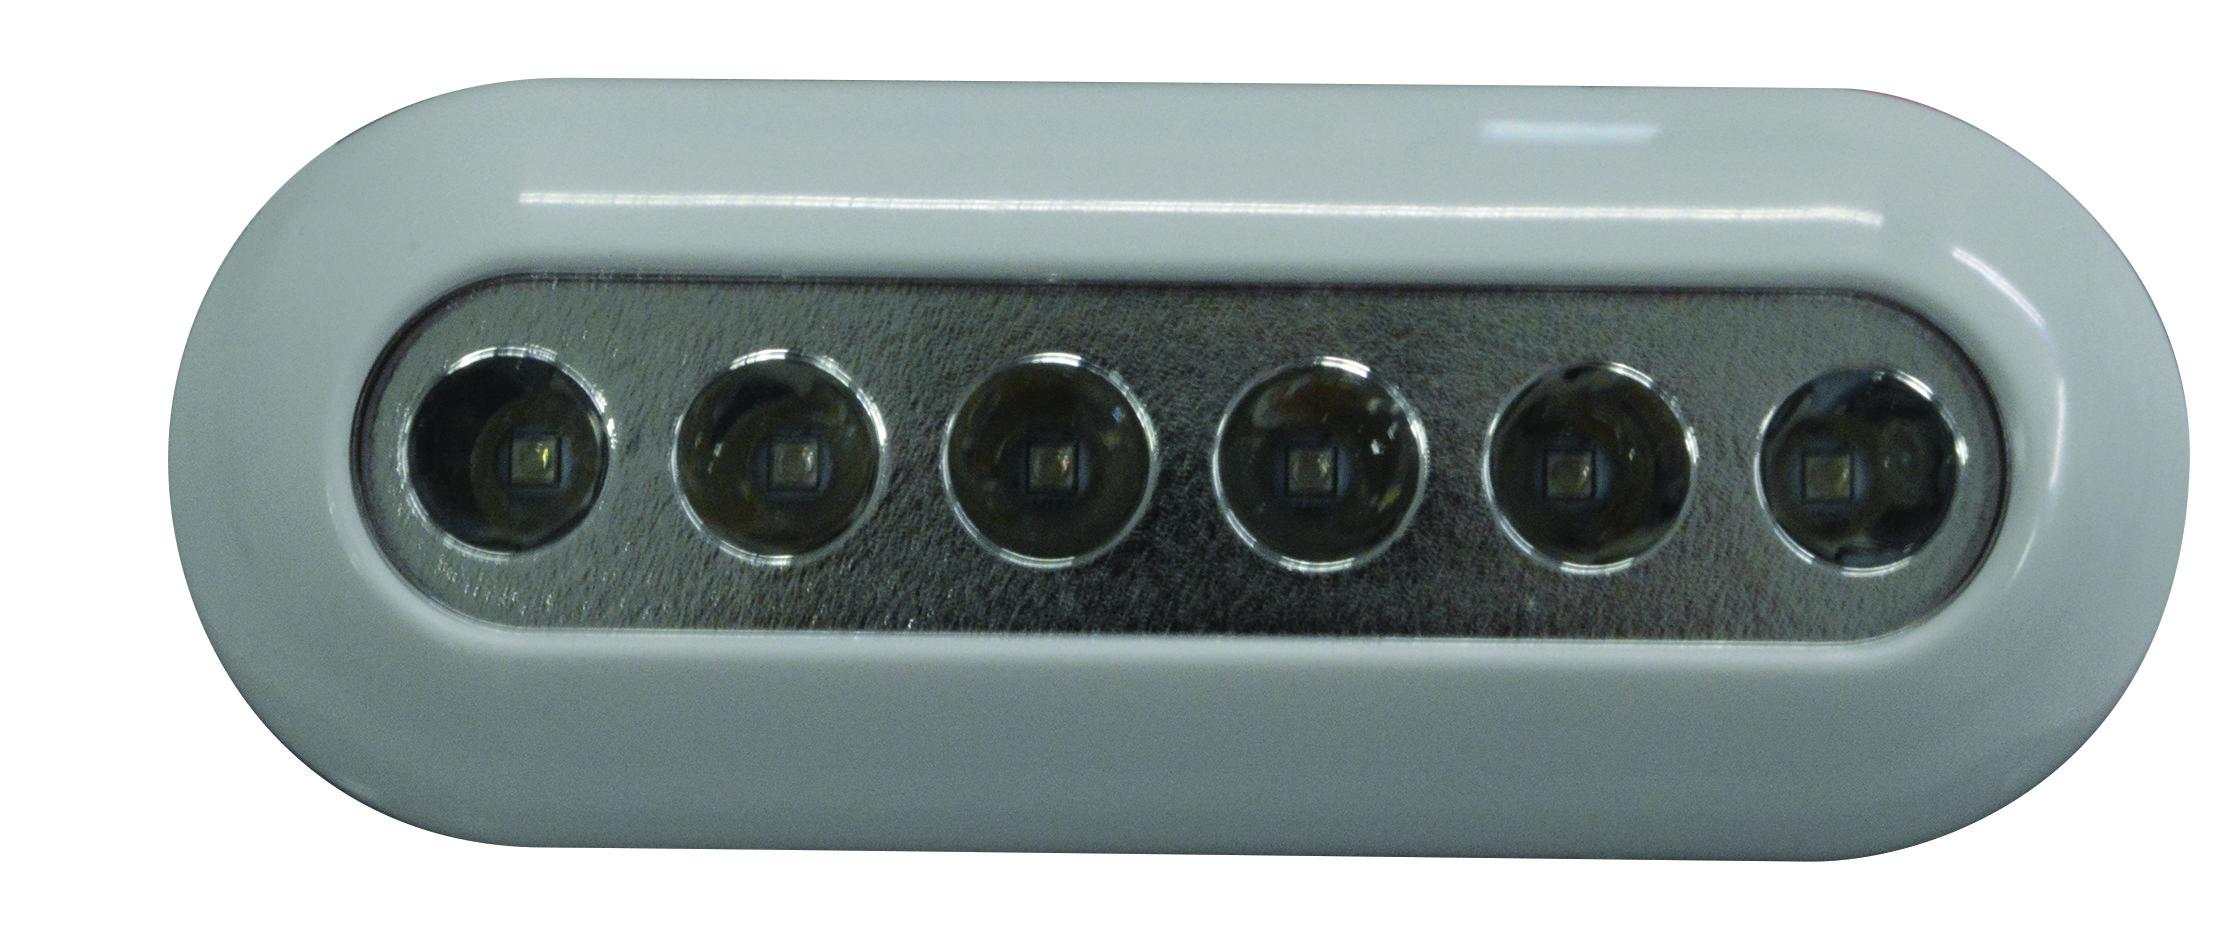 73.4 - Υποβρύχιο Φως Led Χρώμα Λευκό 12/24V 6 Led L160,7xW59,2xT22mm